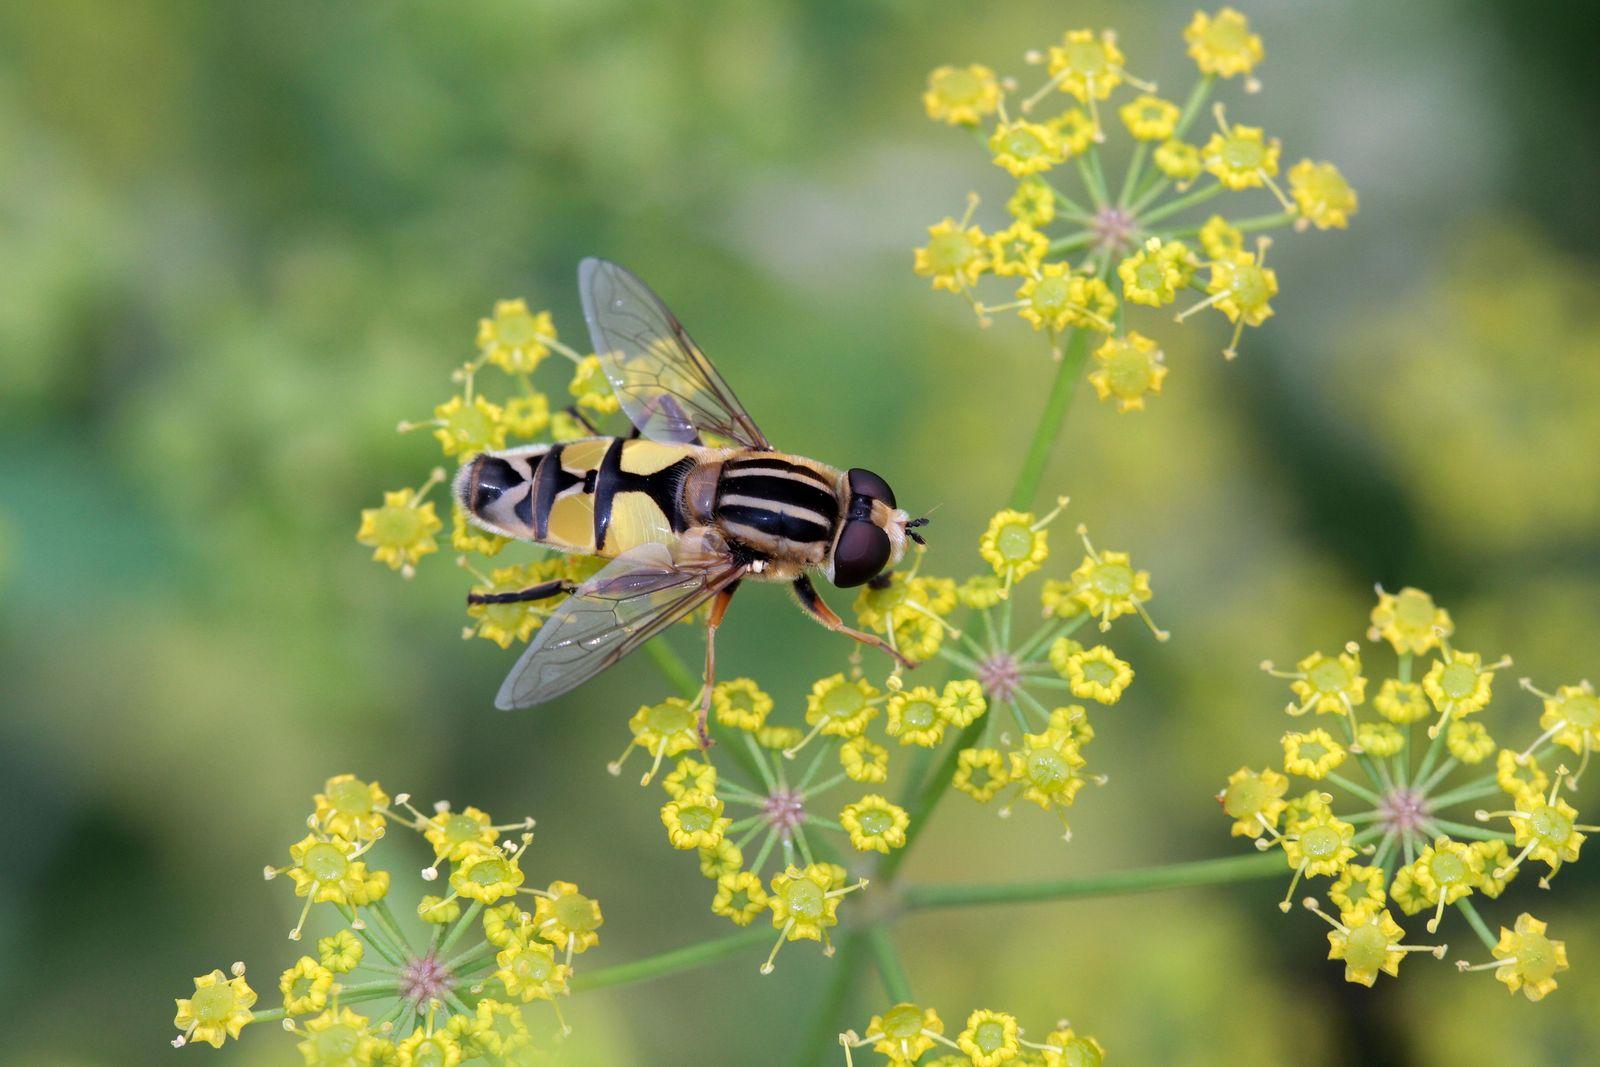 Comment sauver les insectes pollinisateurs depuis votre balcon ou votre jardin ?